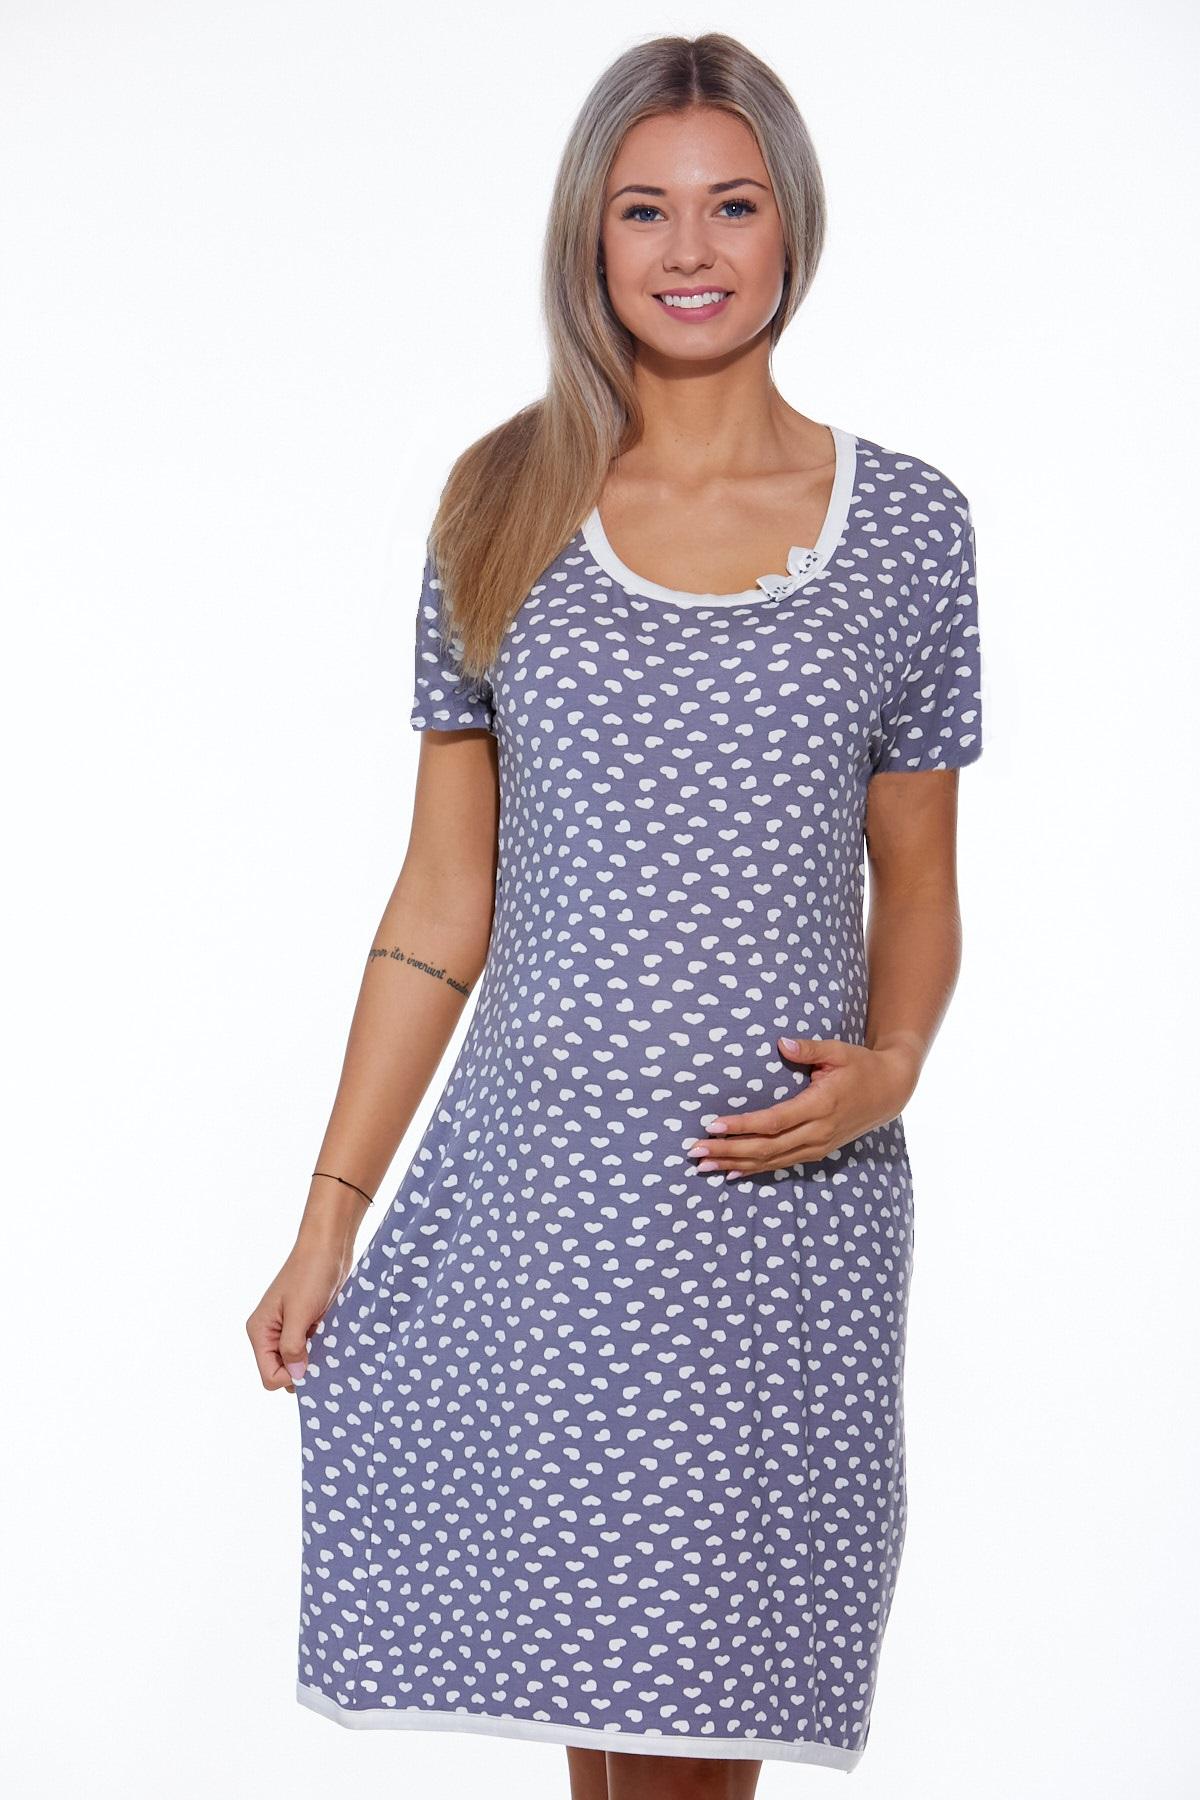 Těhotenská košilka noční 1D0807